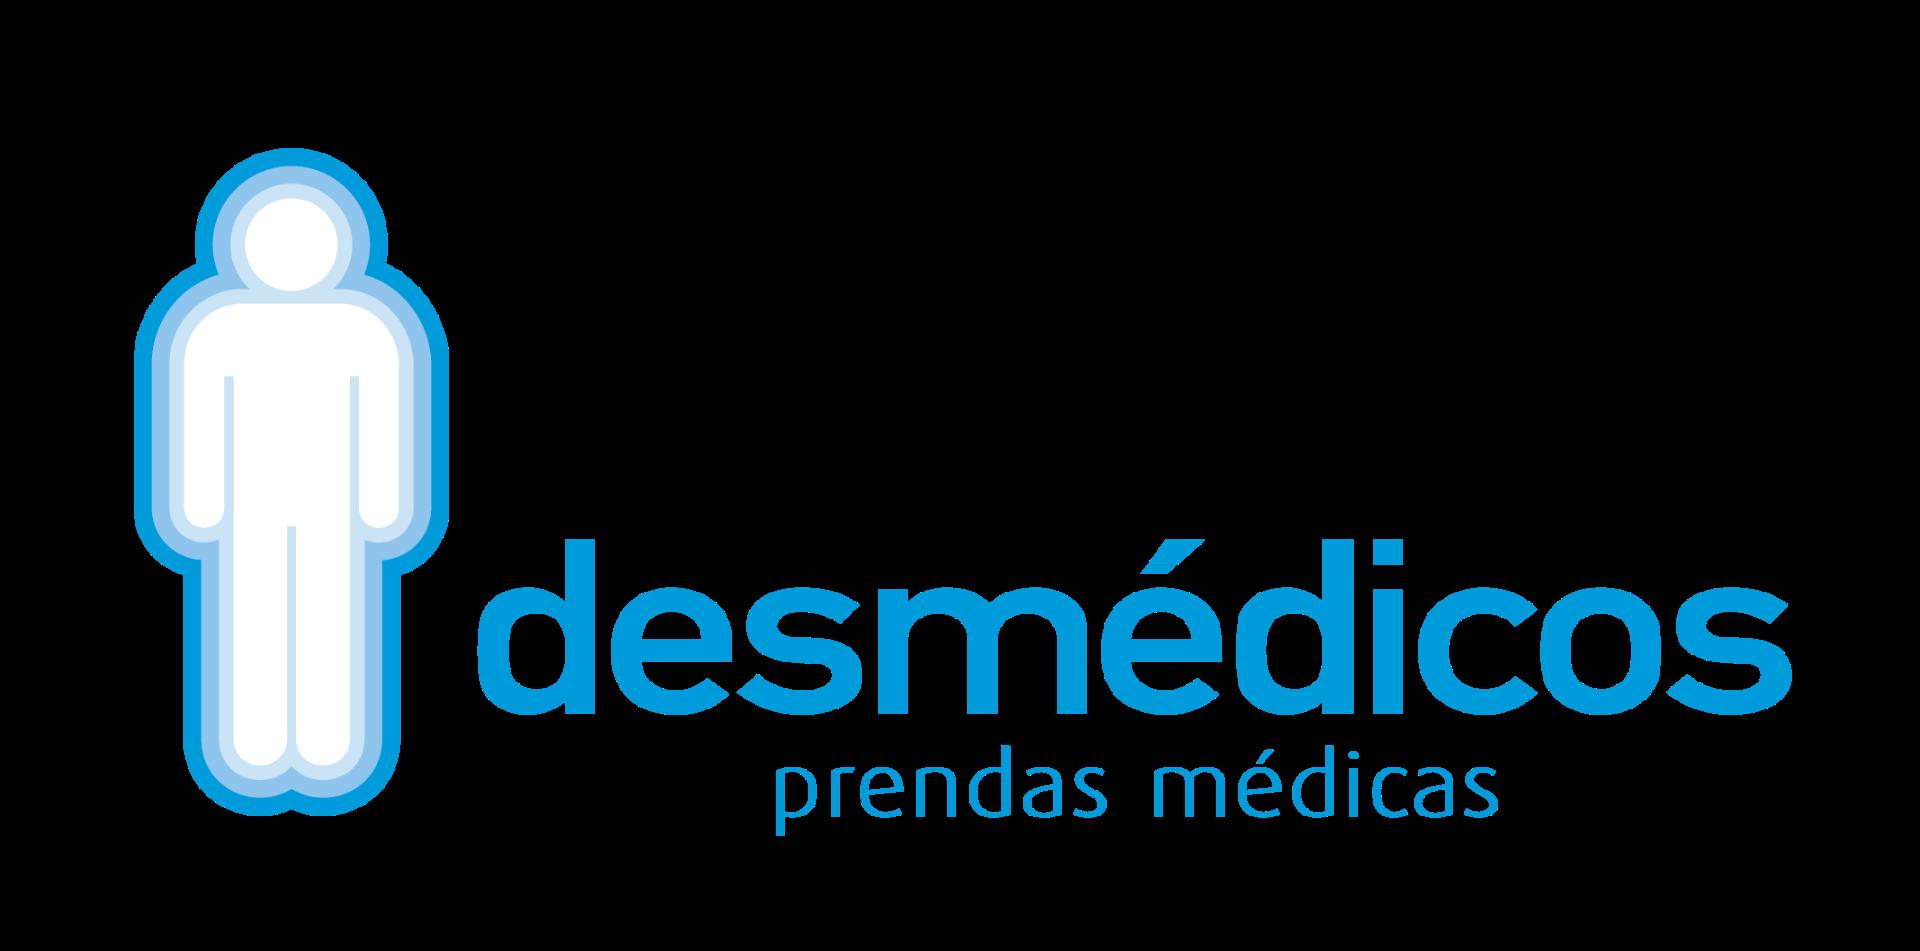 DESMEDICOS